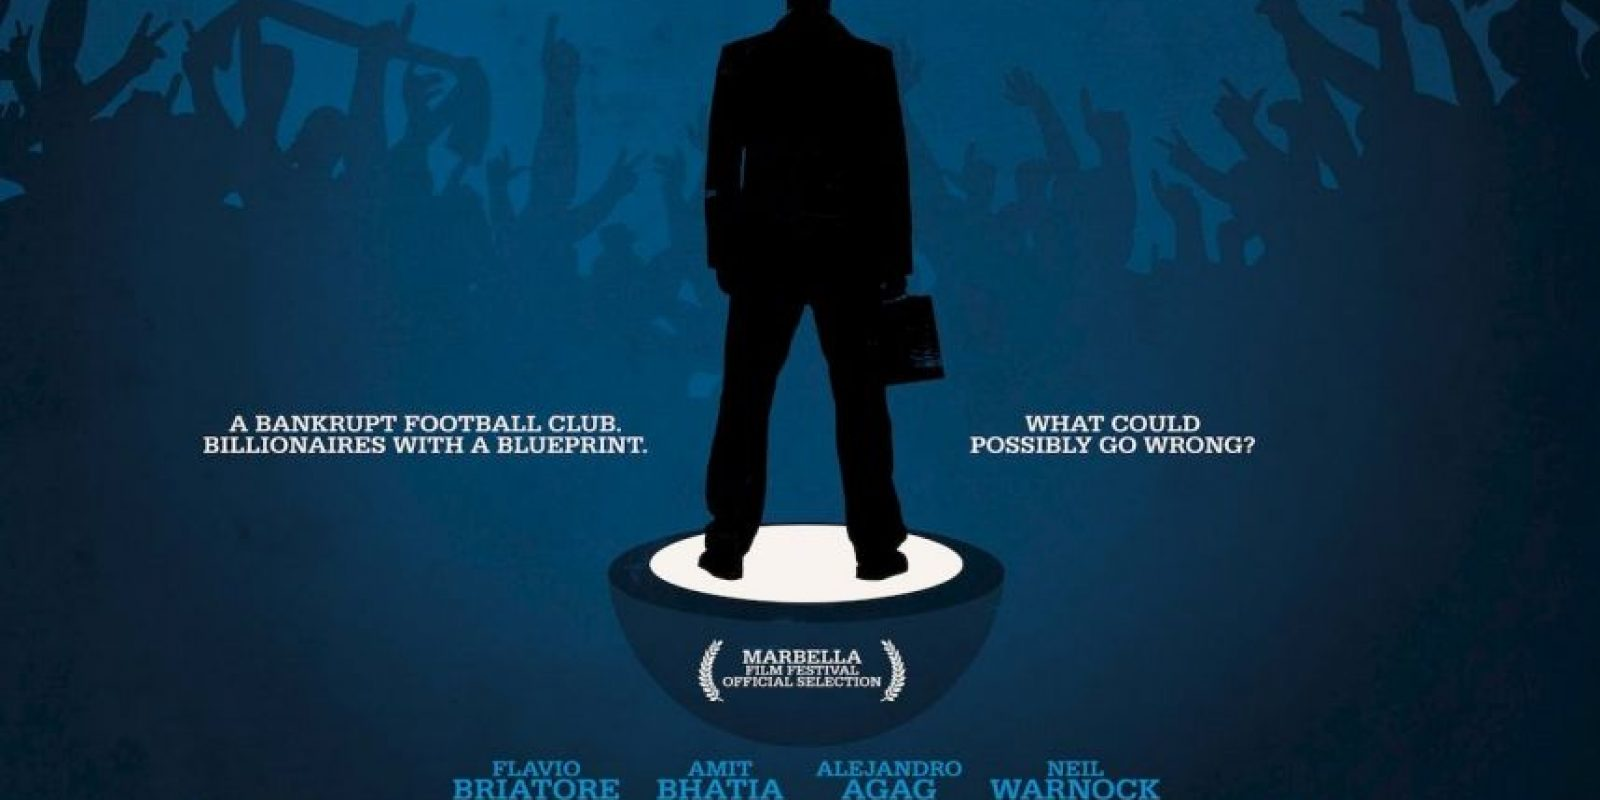 The Four Year Plan (director:Mat Hodgson 2011): El documental cuenta la historia de la llegada de nuevos dirigentes a QPR en 2011 y su plan para llevar al club a lo más alto de la Premier League.